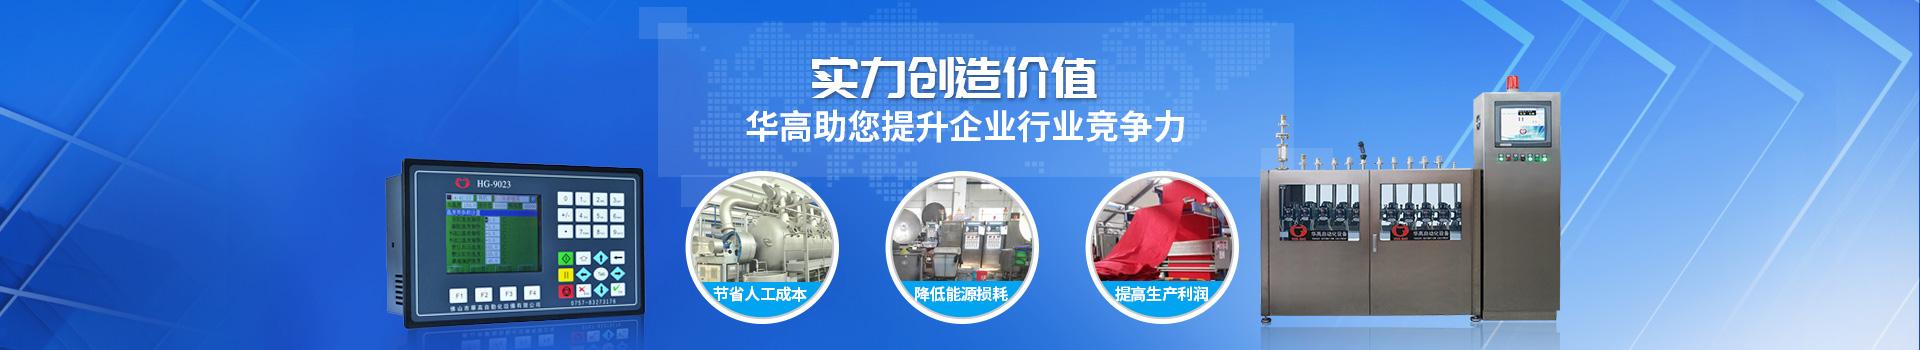 华高自动化-实力创造价值,提升企业行业竞争力